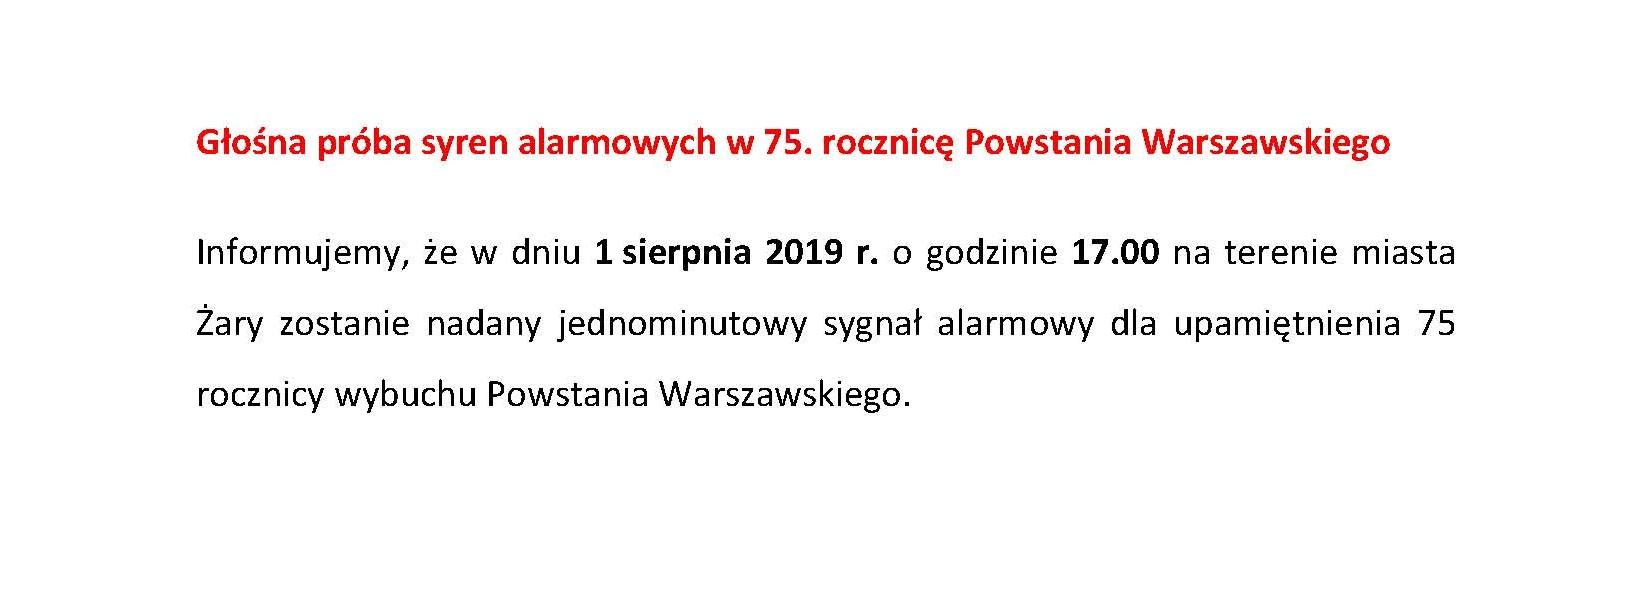 Ilustracja do informacji: Głośna próba syren alarmowych w 75. rocznicę Powstania Warszawskiego